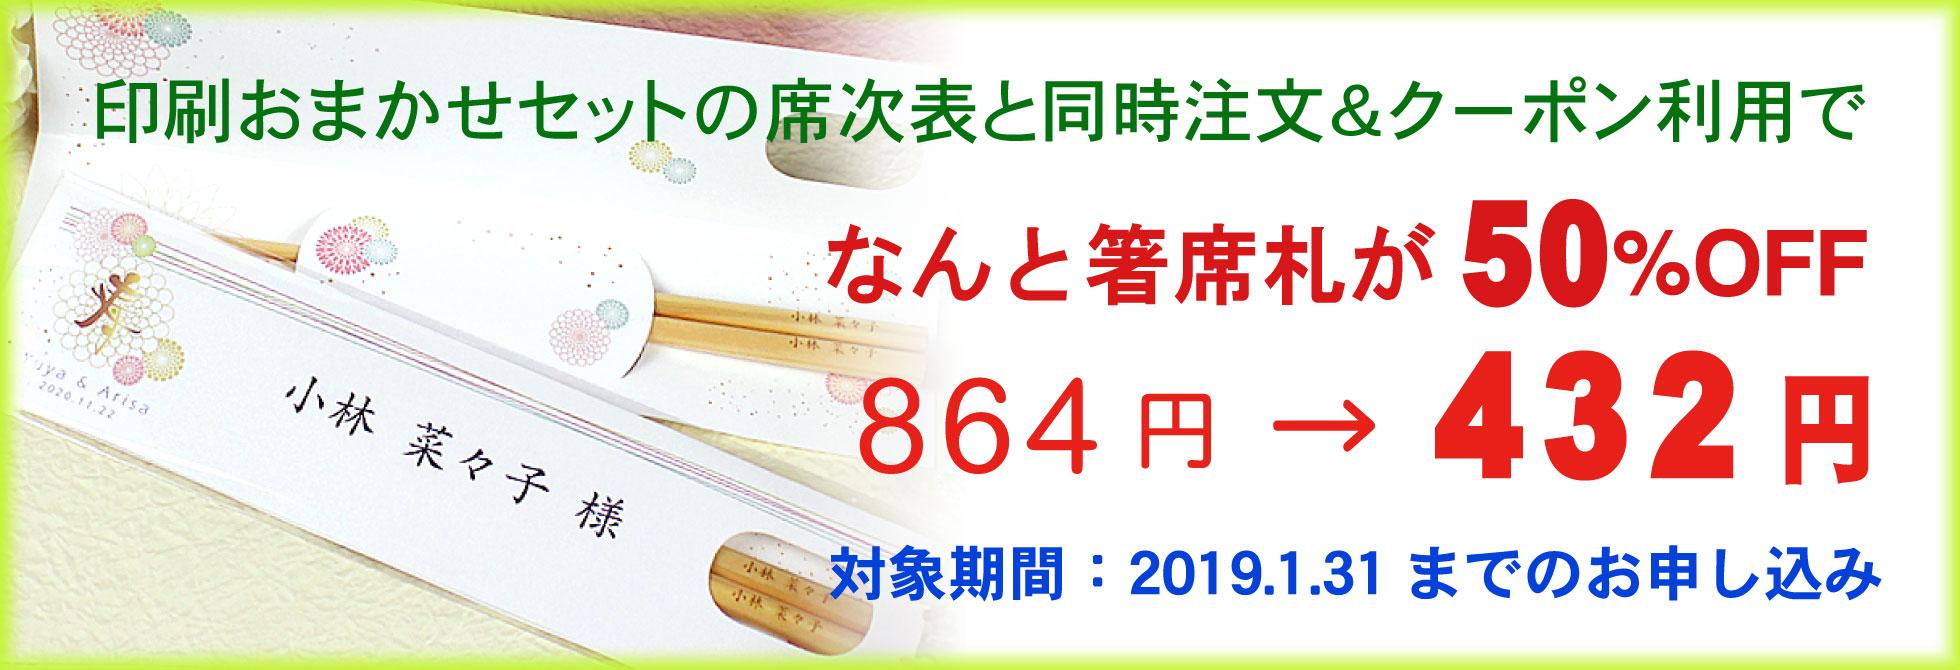 箸席札50%OFFキャンペーン